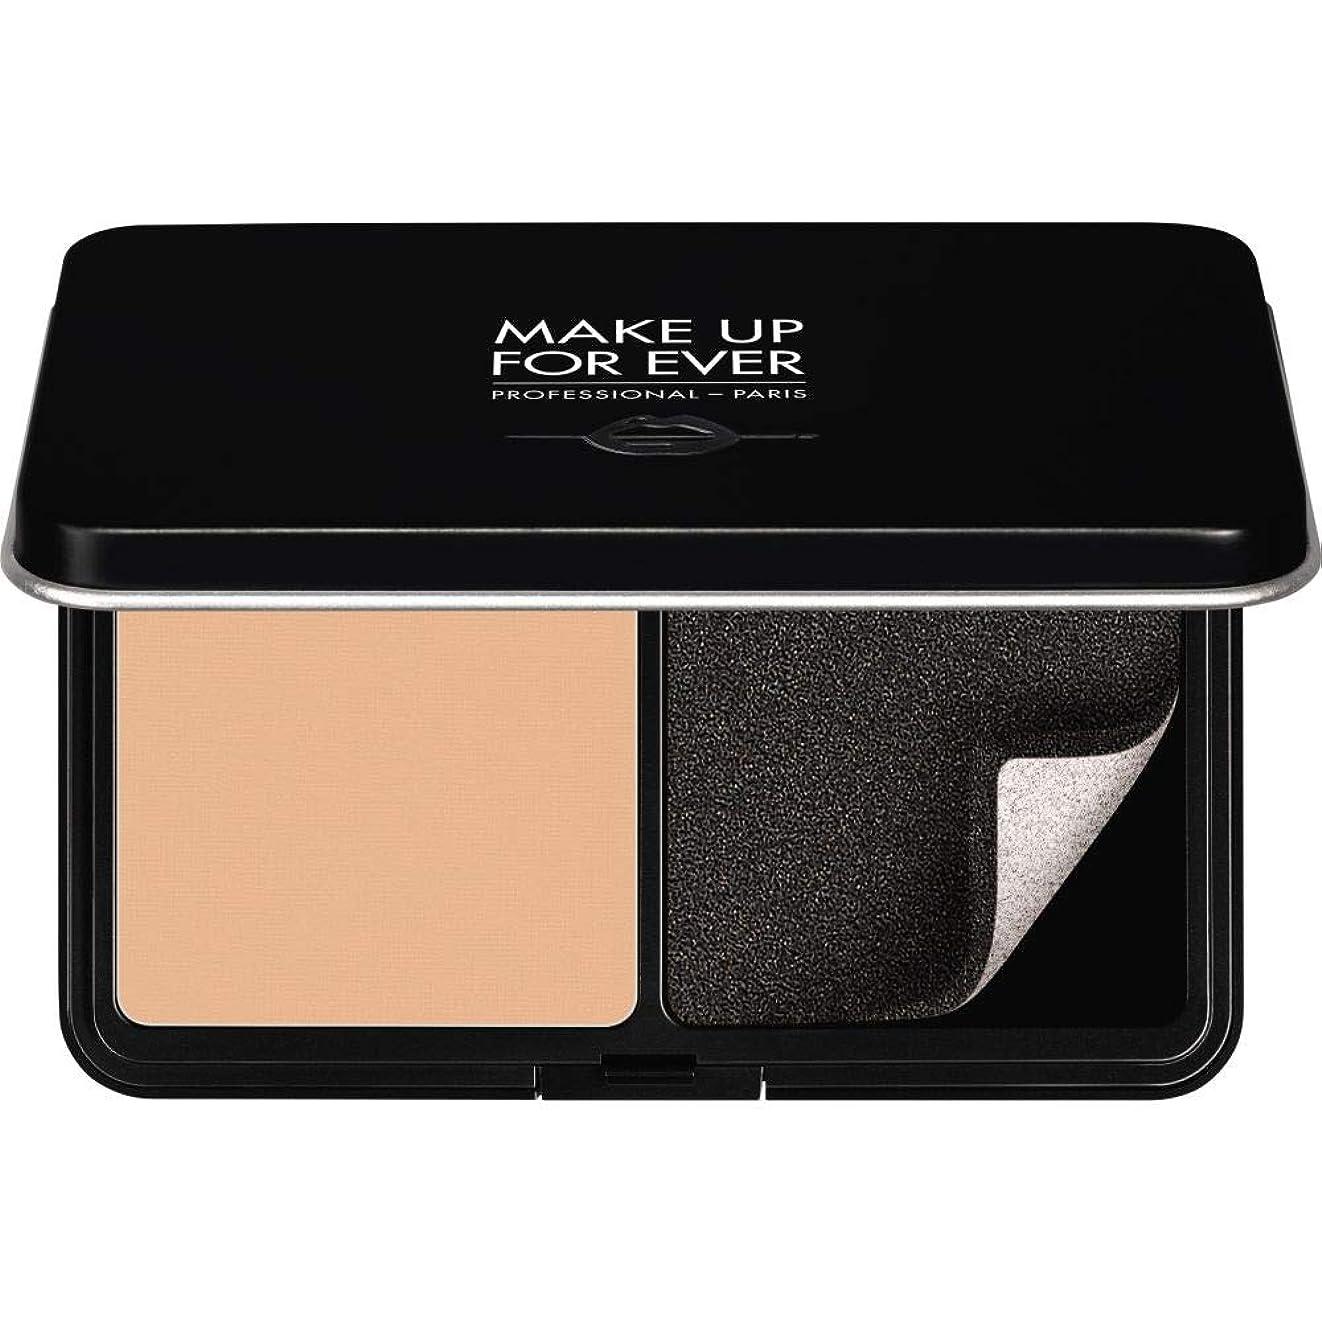 抵抗アニメーション迫害[MAKE UP FOR EVER ] パウダーファンデーション11GののR230をぼかし、これまでマットベルベットの肌を補う - アイボリー - MAKE UP FOR EVER Matte Velvet Skin Blurring Powder Foundation 11g R230 - Ivory [並行輸入品]